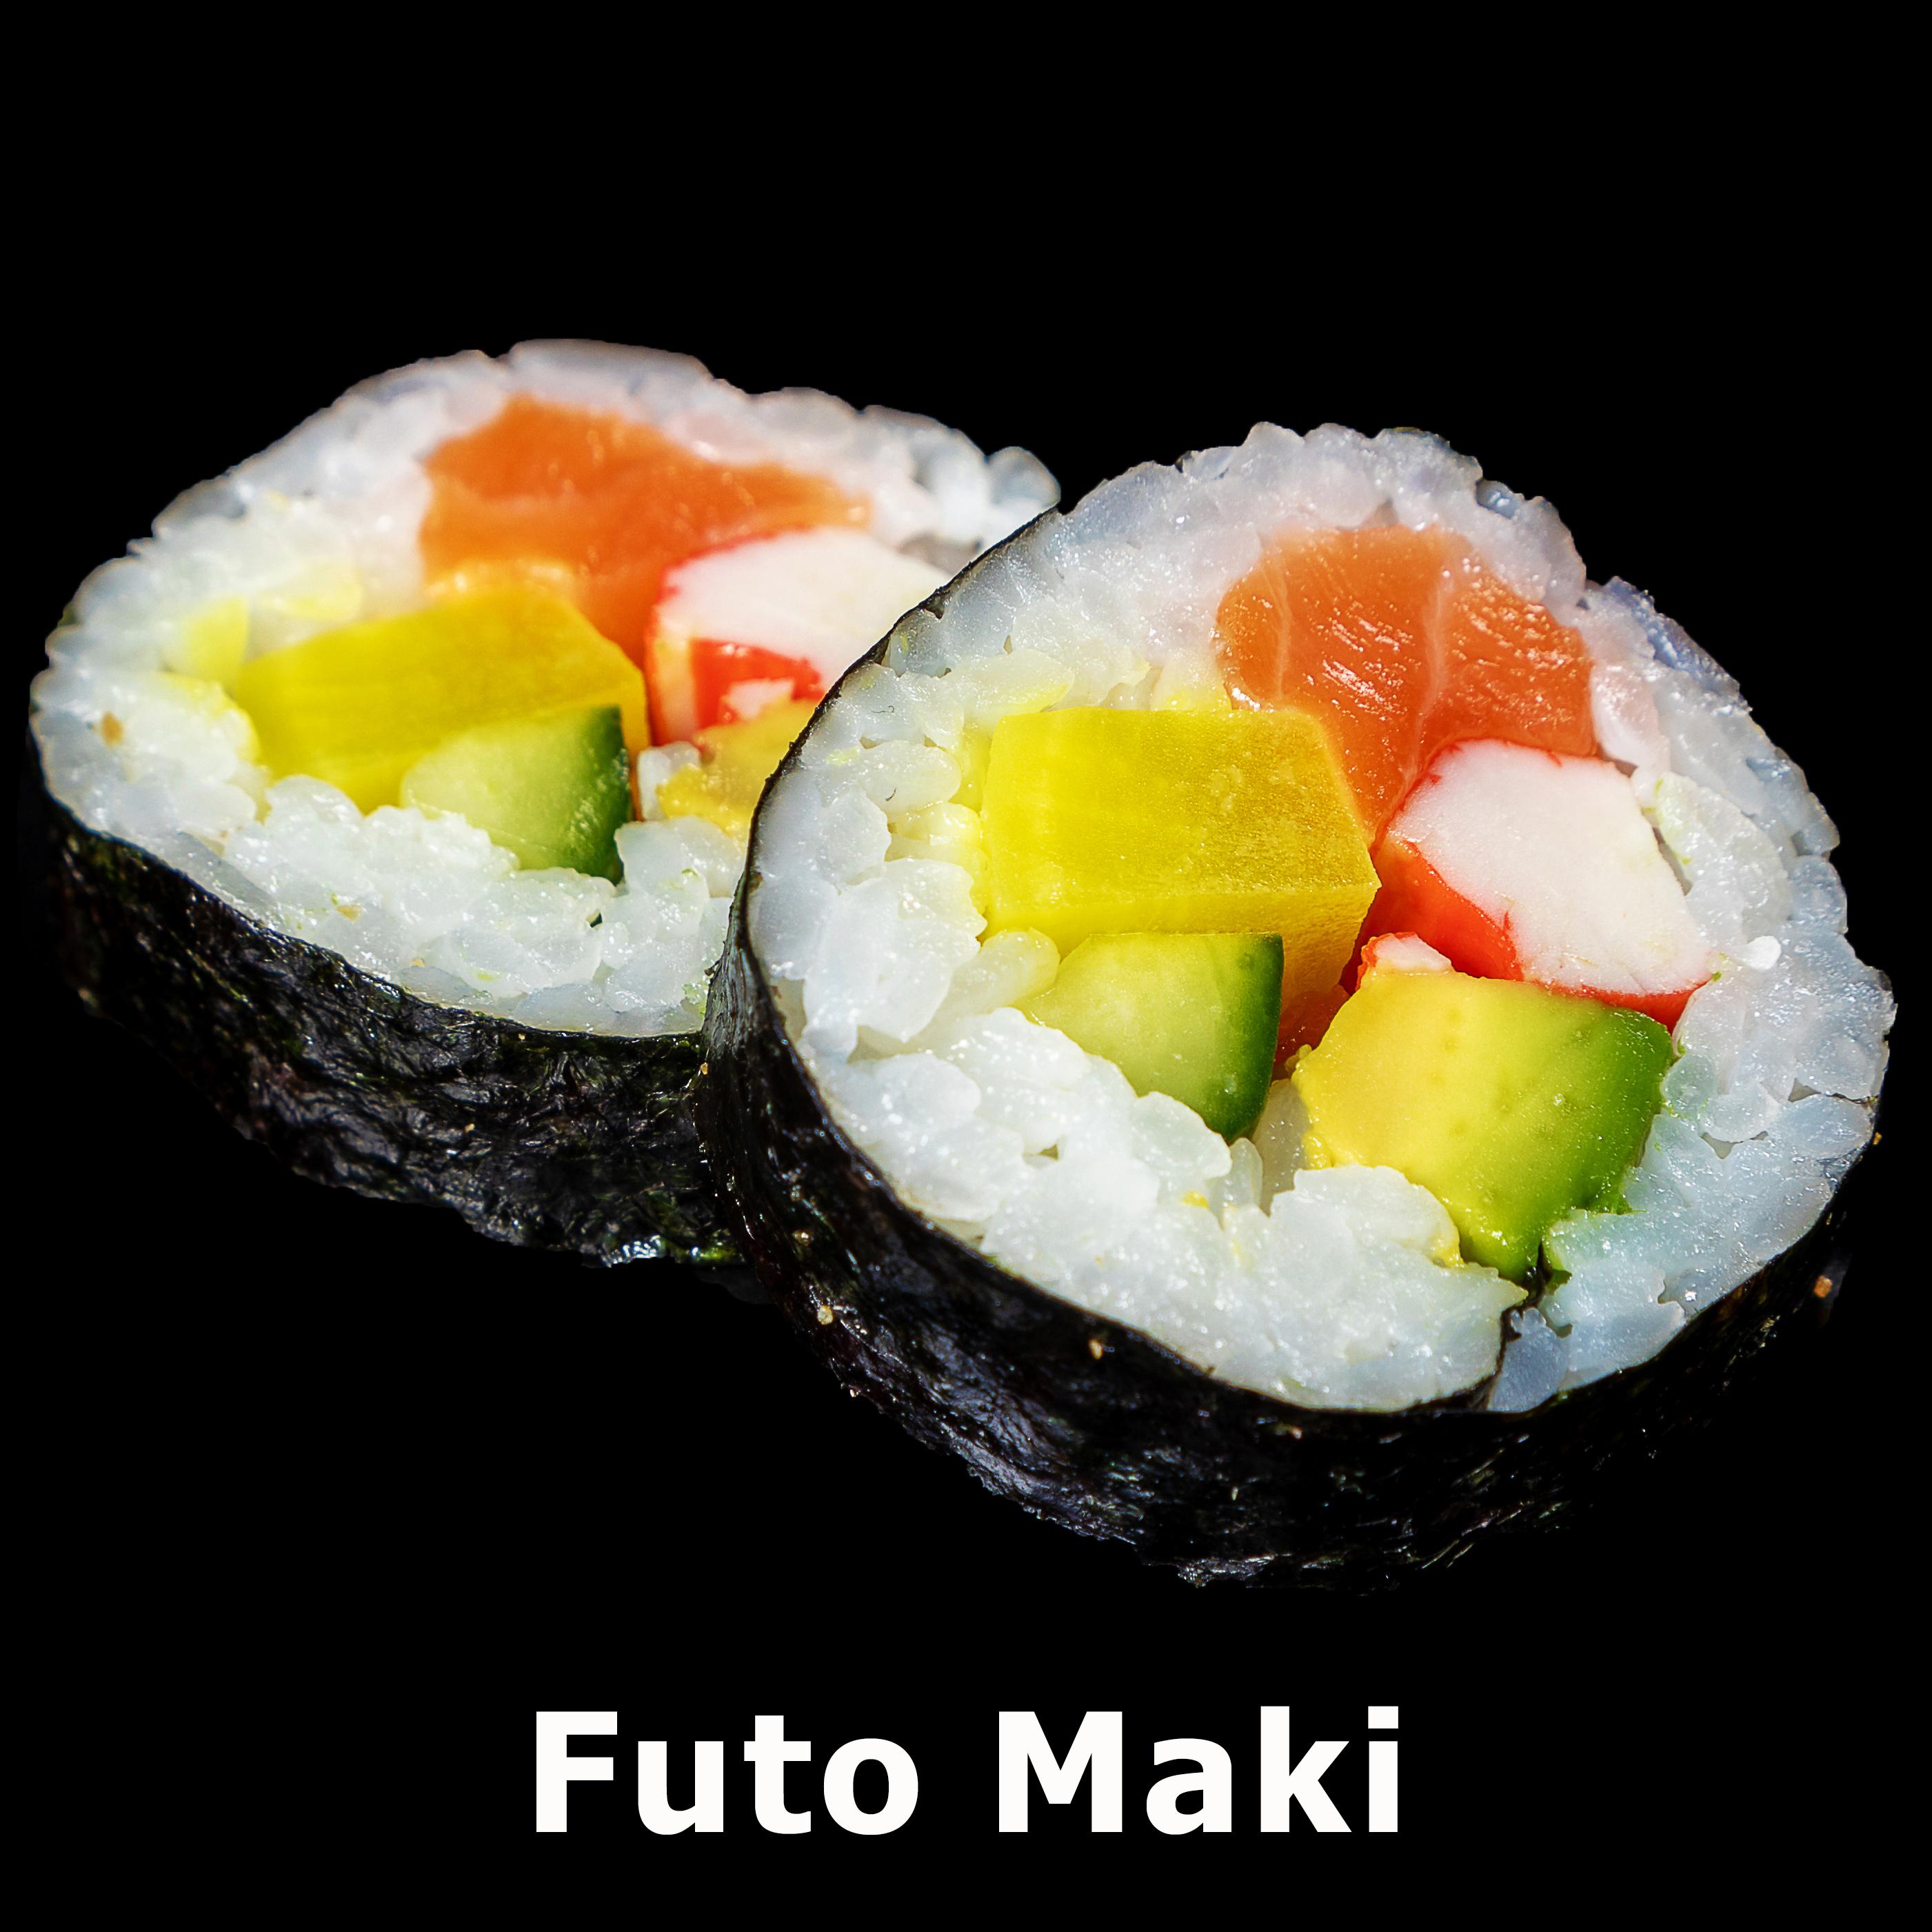 27. Futo Maki